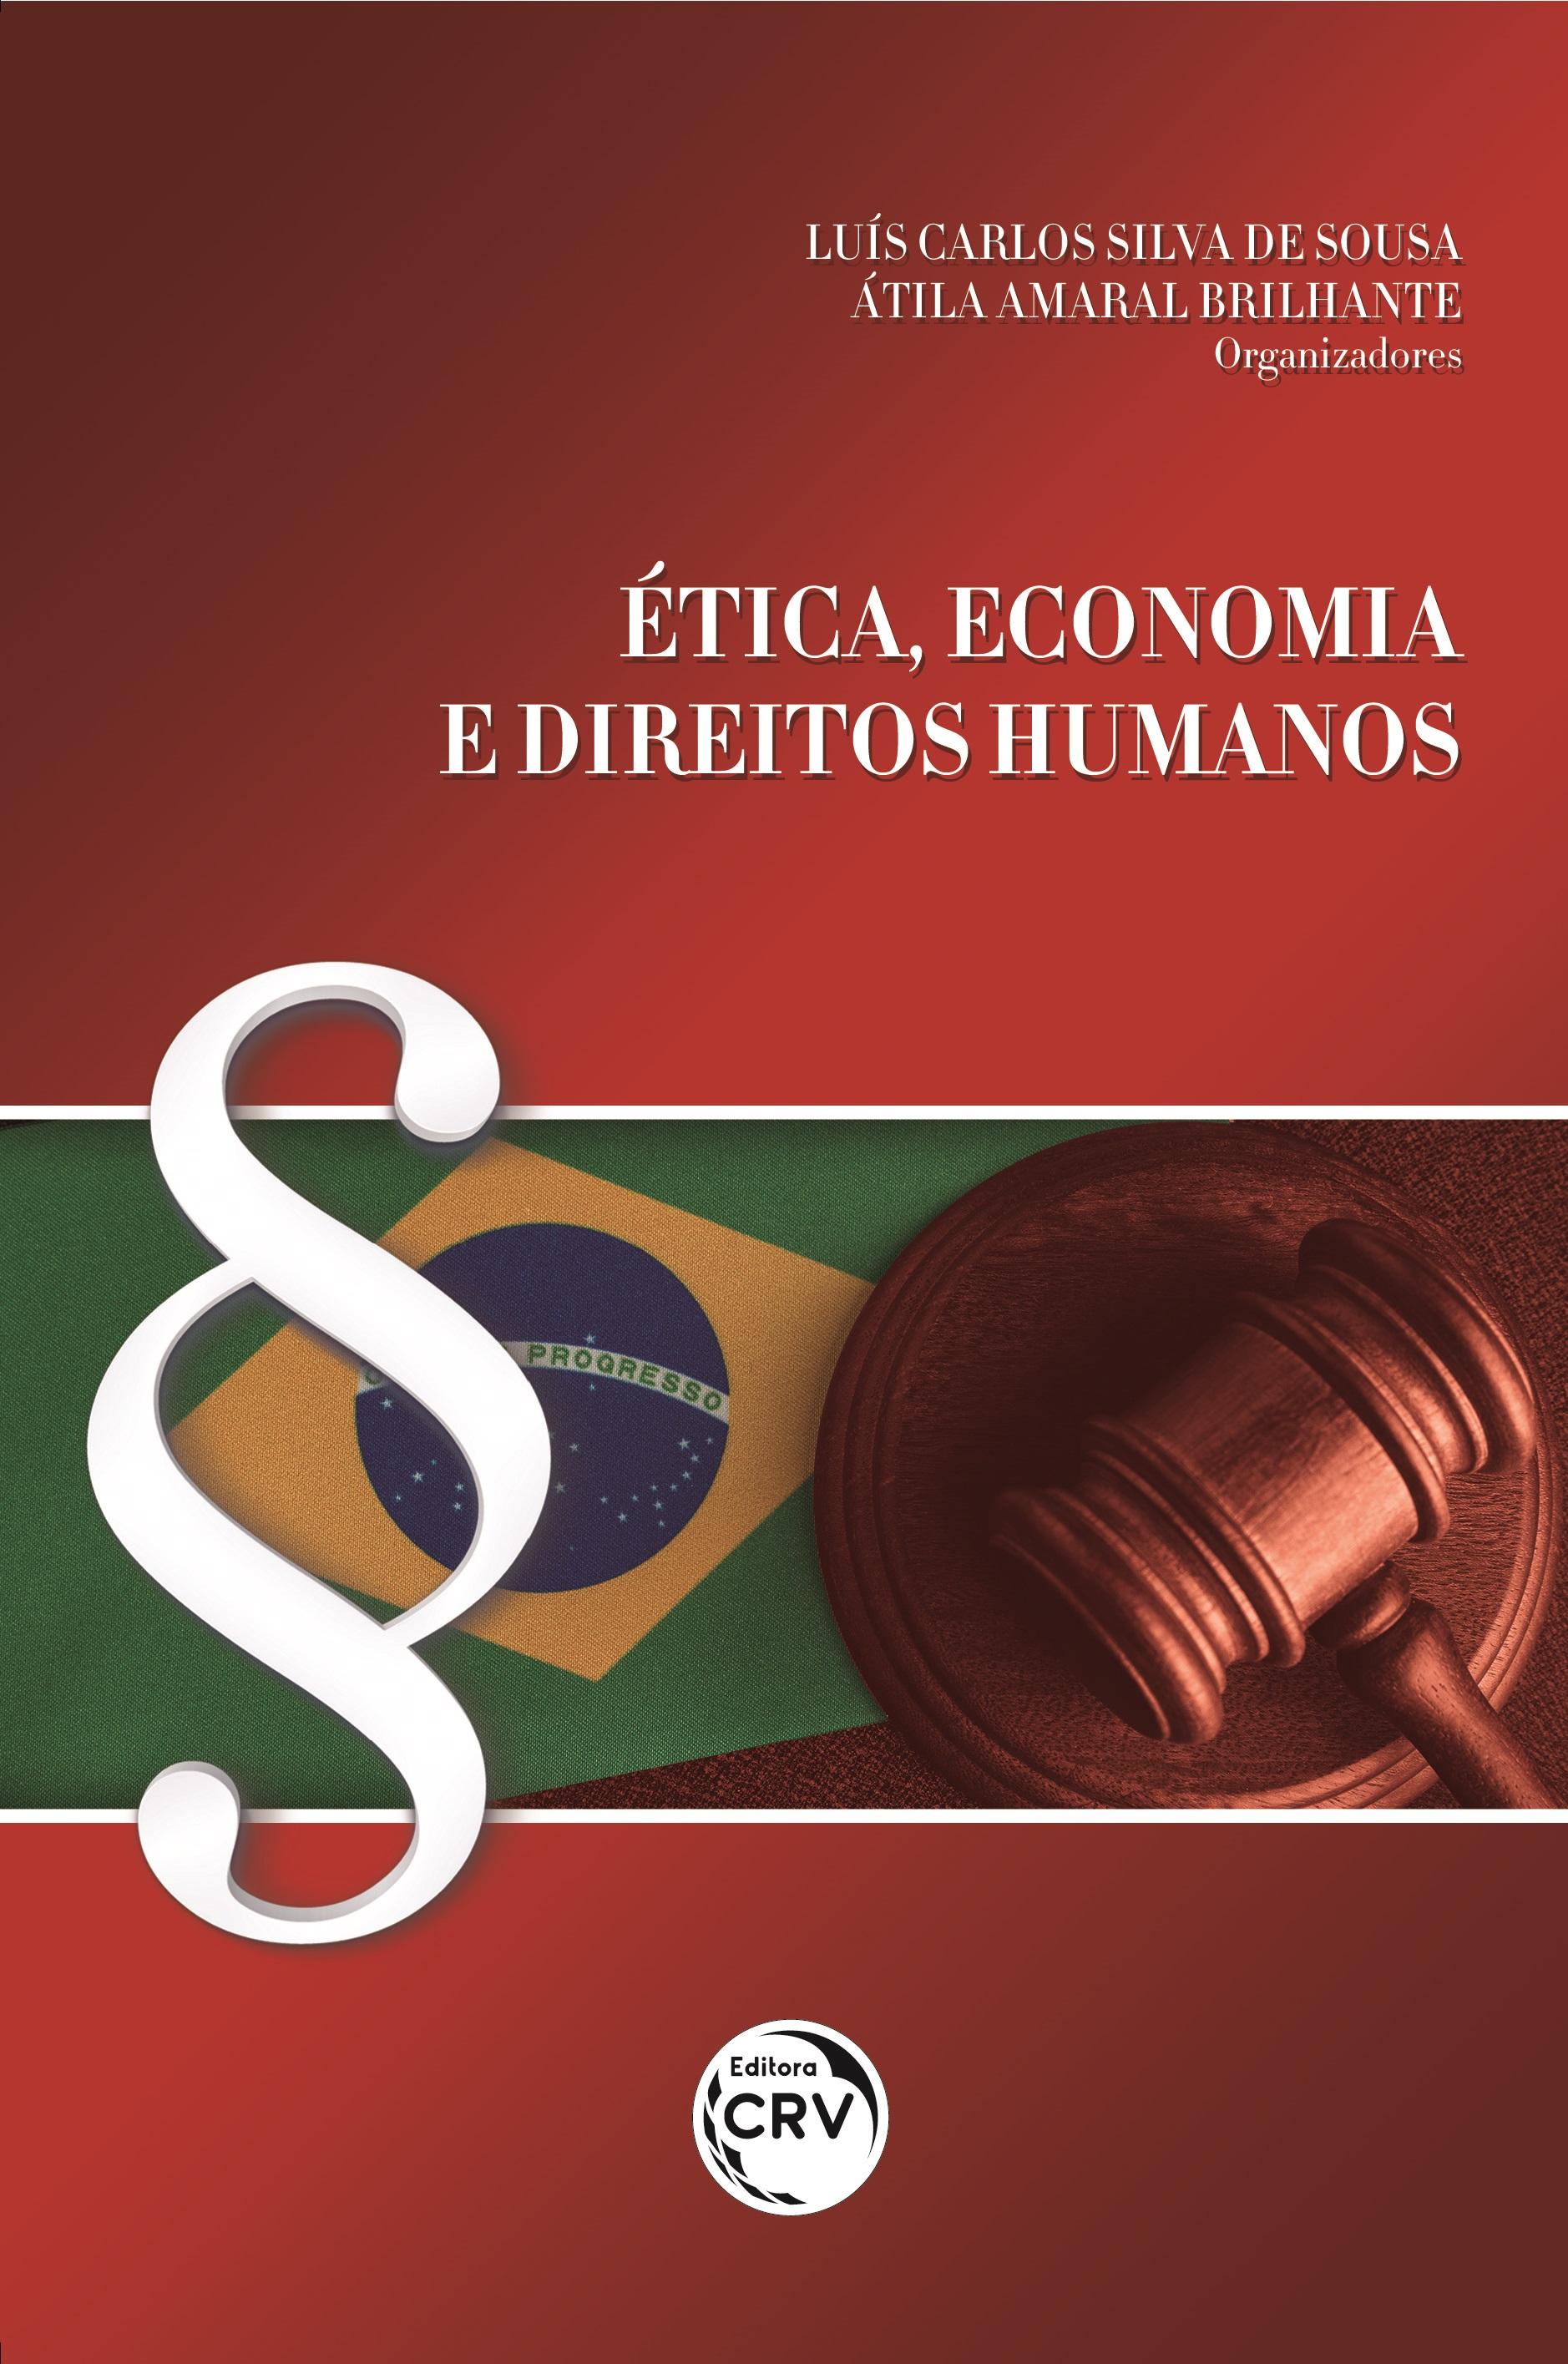 Capa do livro: ÉTICA, ECONOMIA E DIREITOS HUMANOS